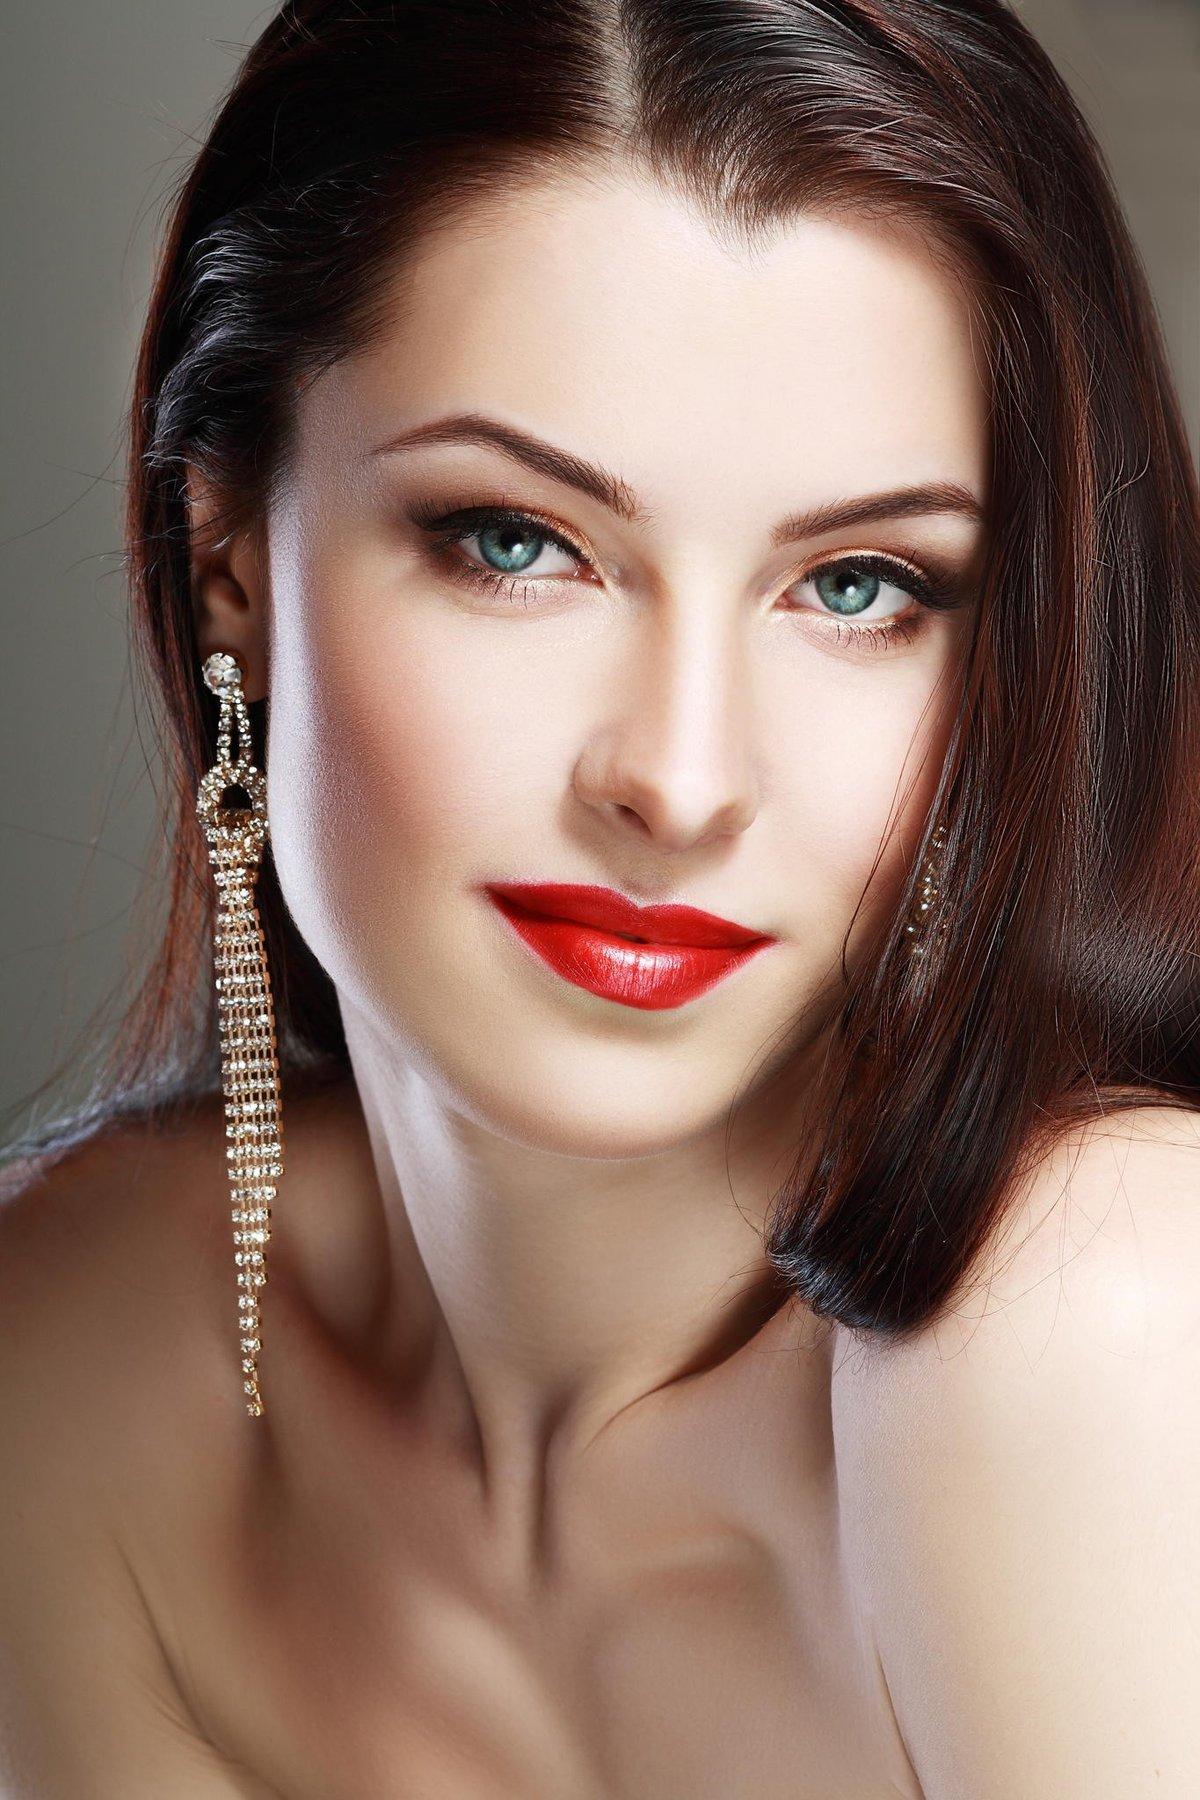 Портфолио самых красивых девушек фото